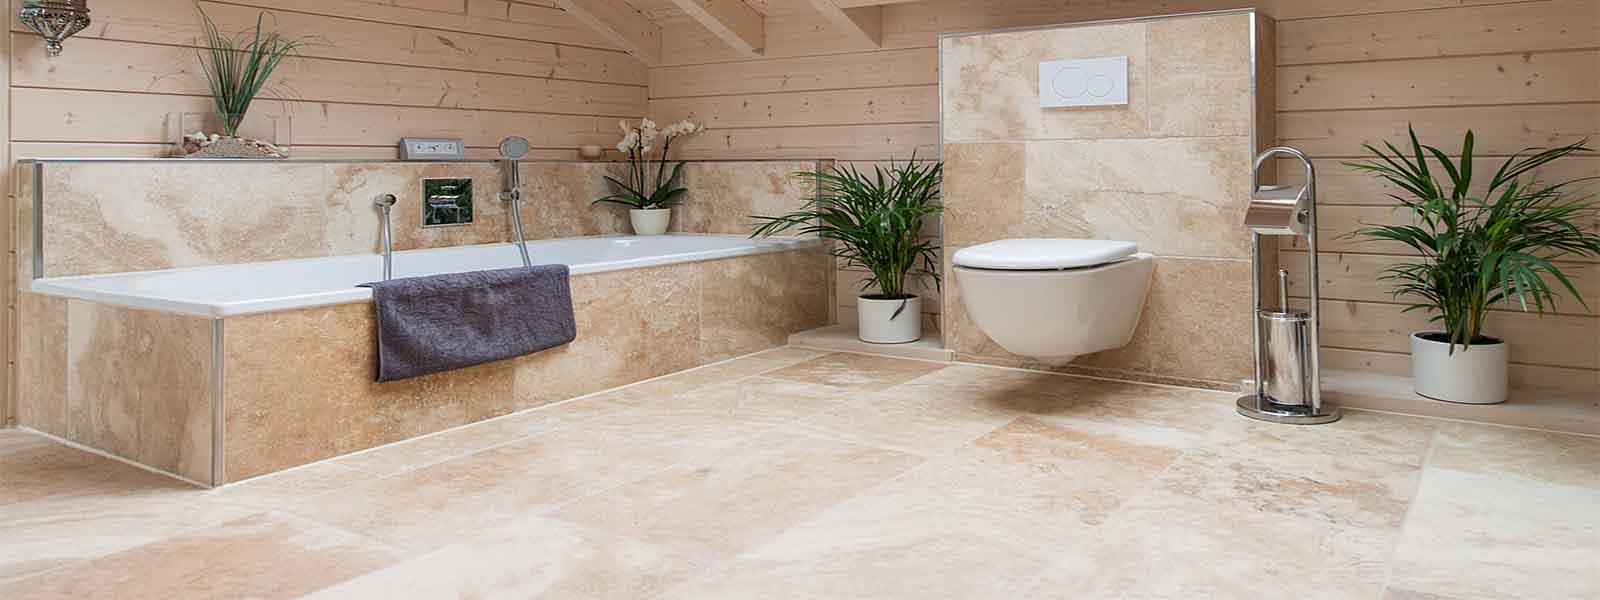 Carrelage travertin pour salle de bain en pierre naturelle for Carrelage pierre naturelle salle de bain